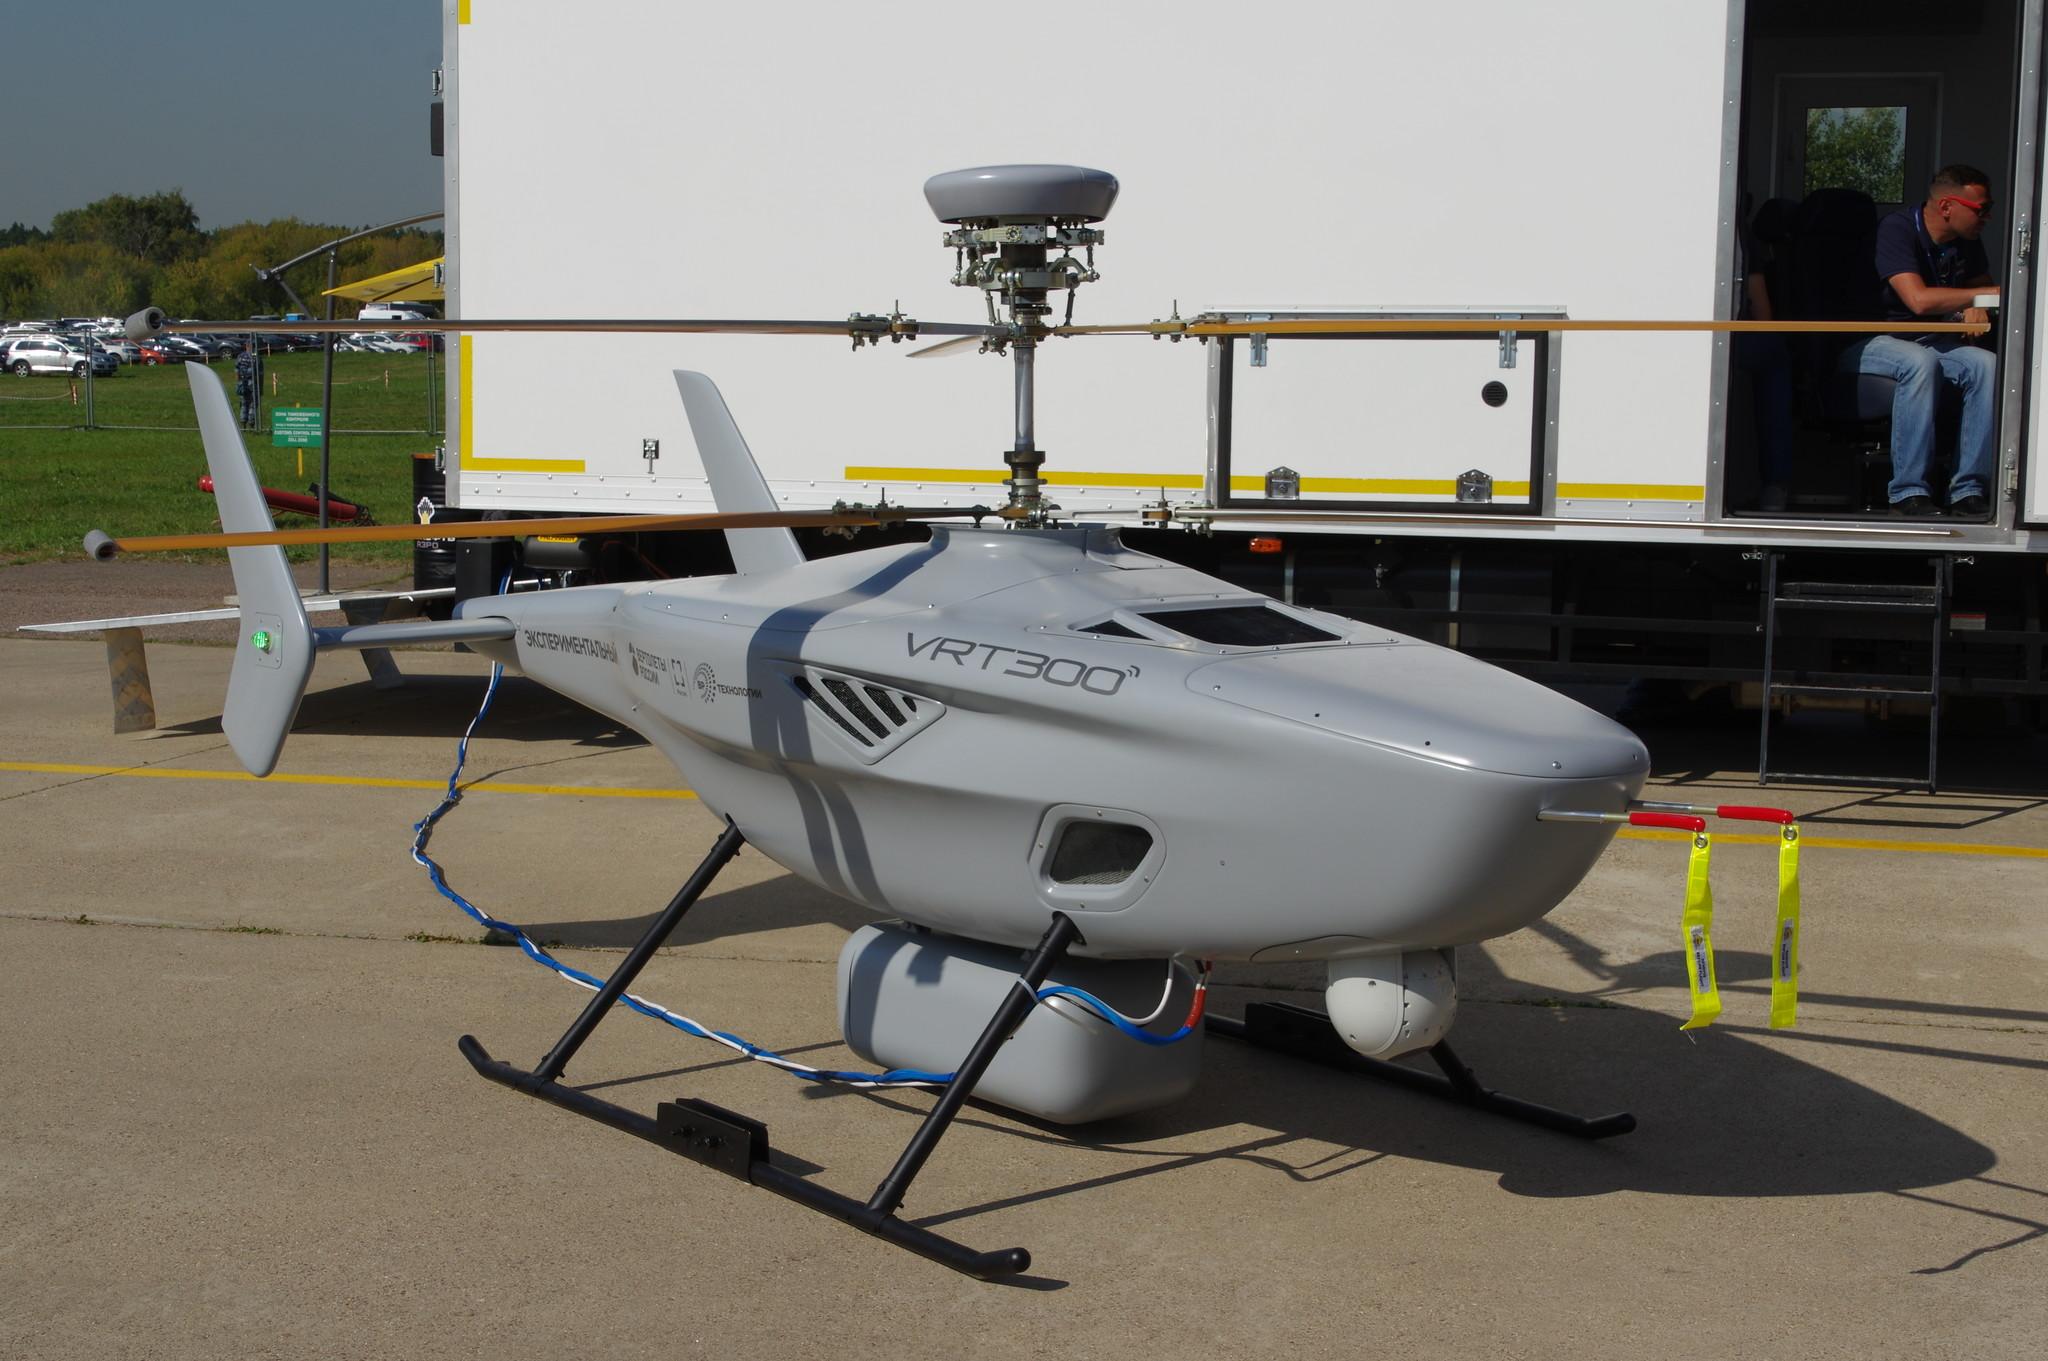 Беспилотный комплекс VRT300 вертолётного типа